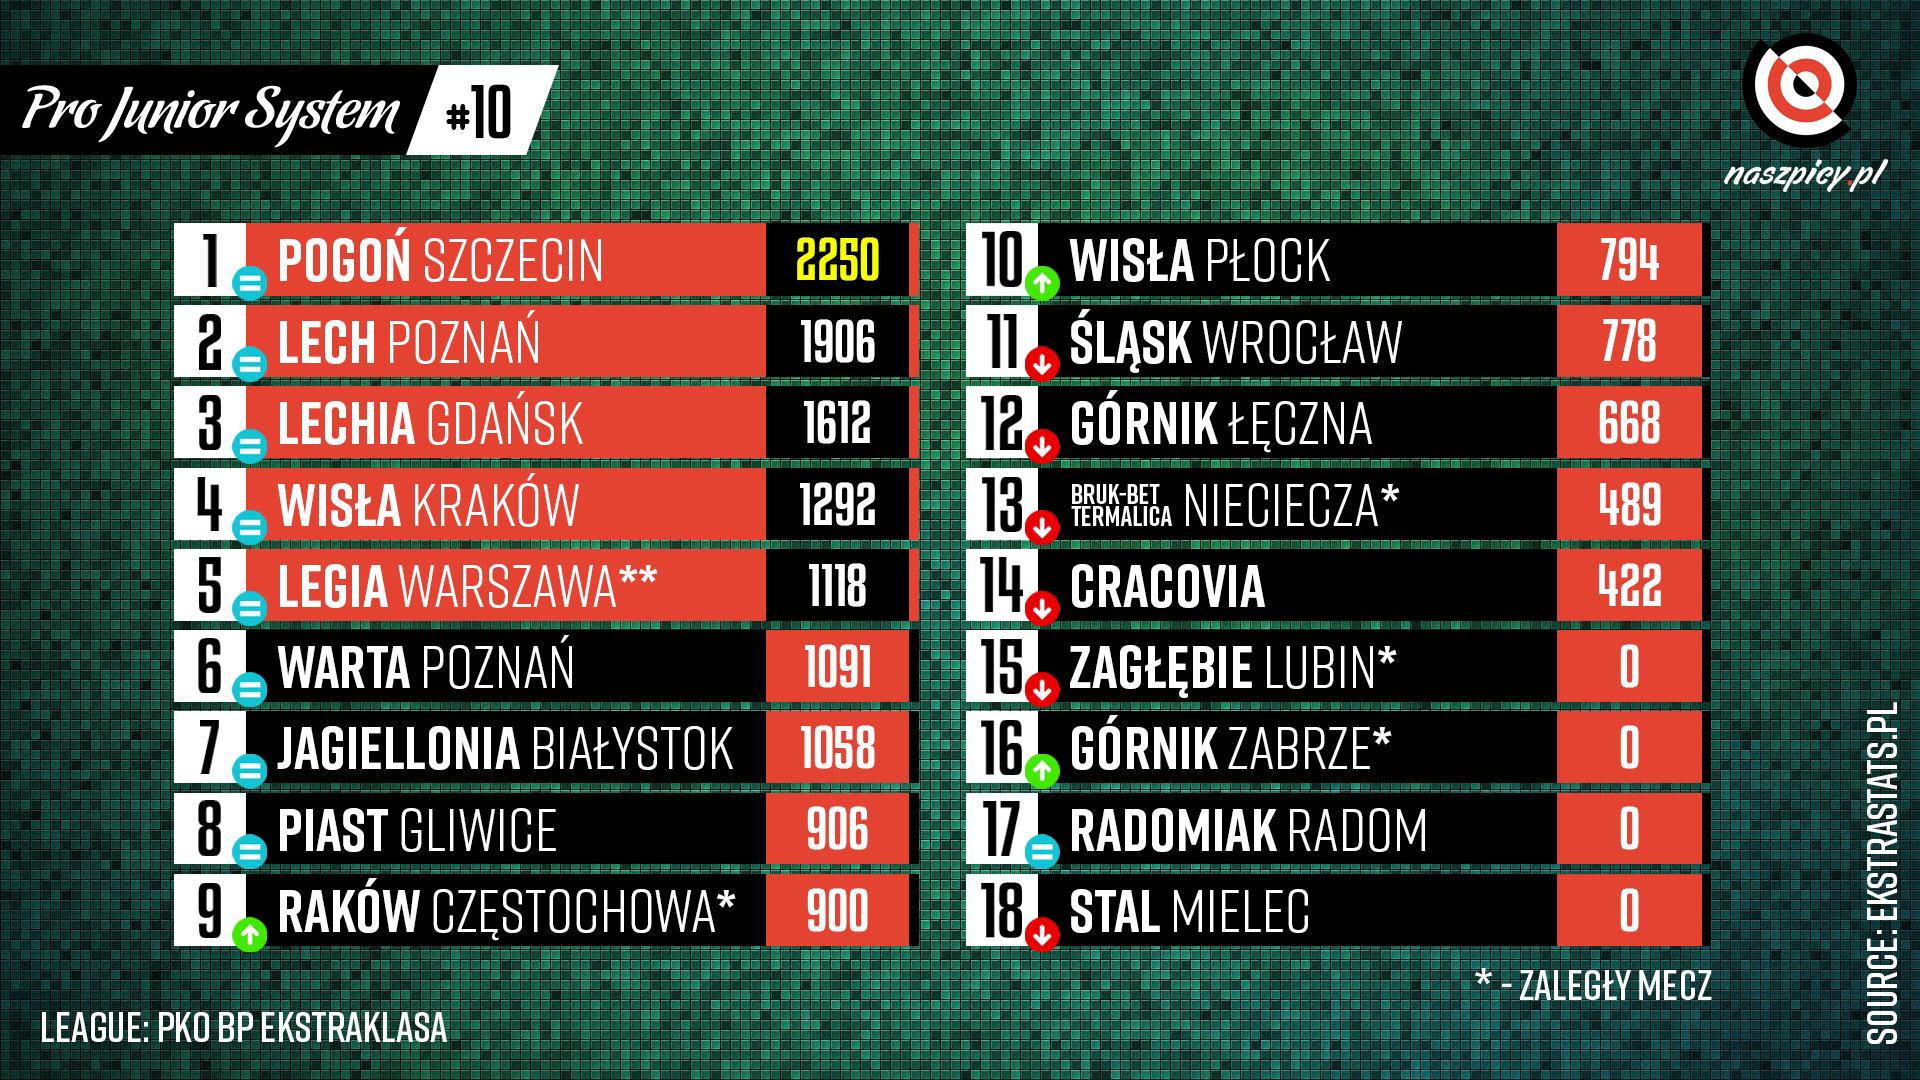 Klasyfikacja Pro Junior System po 10. kolejce PKO Ekstraklasy 2021-22<br><br>Źródło: Opracowanie własne na podstawie ekstrastats.pl<br><br>graf. Bartosz Urban